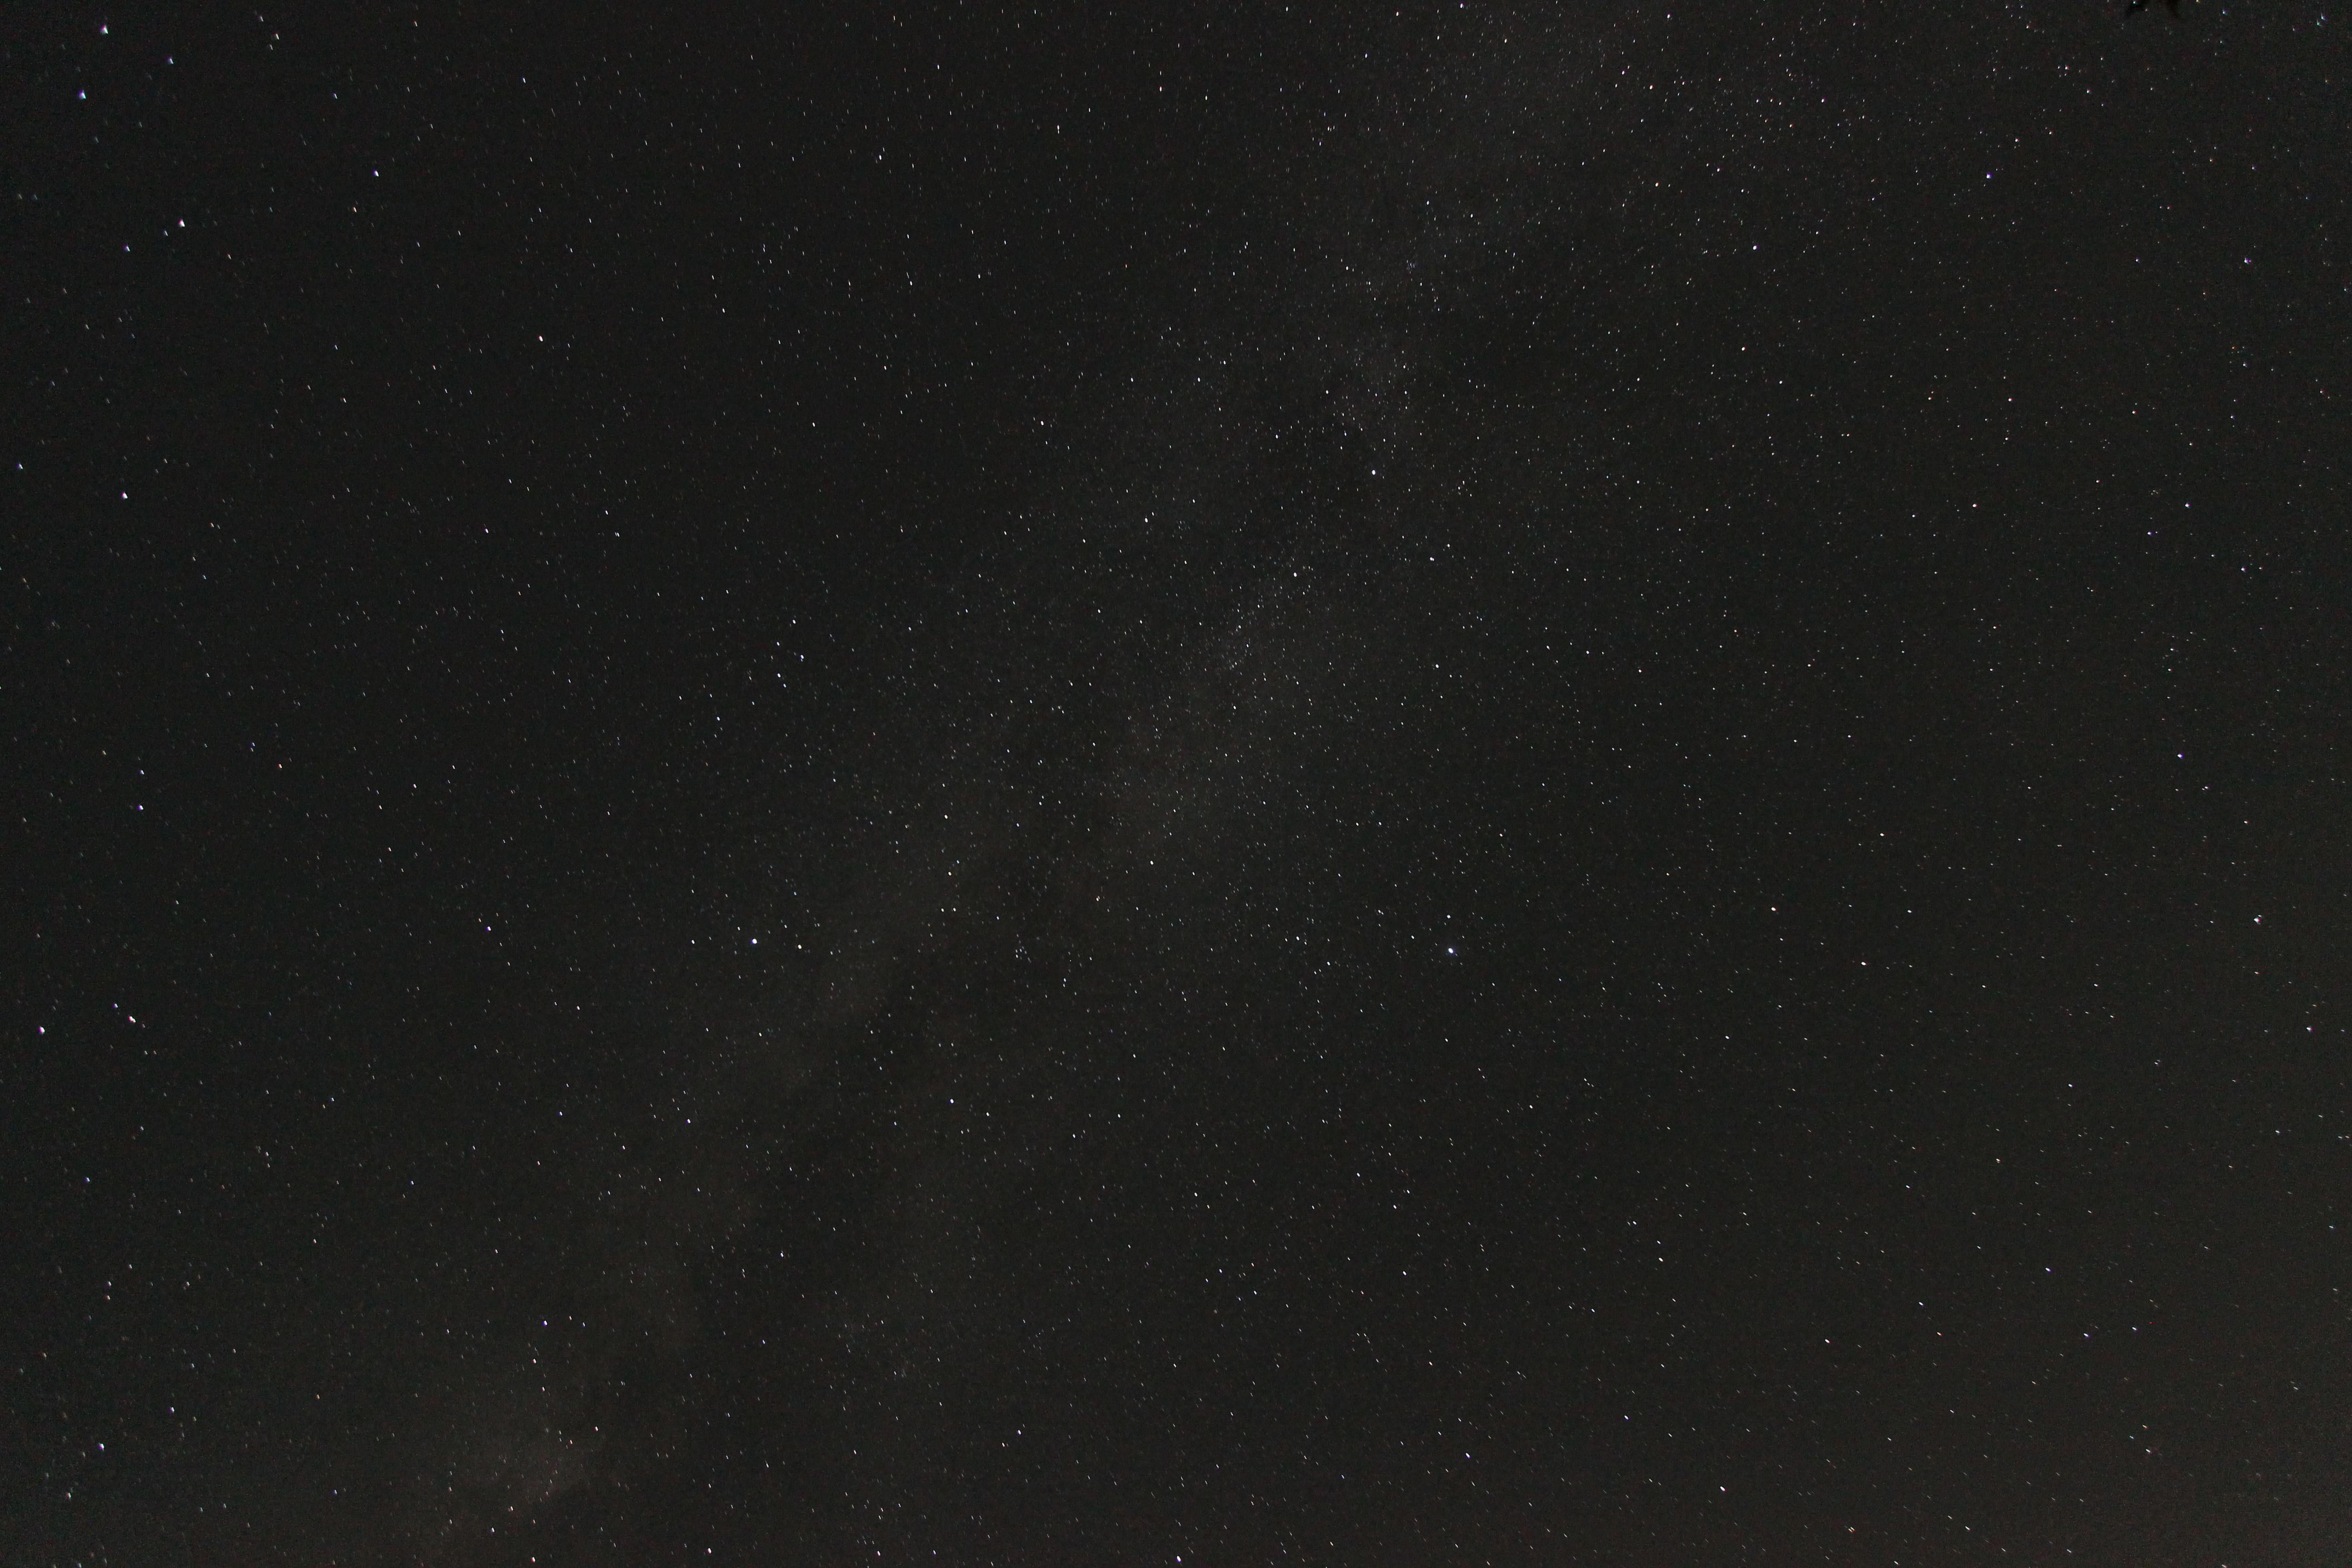 <b>ISO1600、絞りF3.5、露光時間30秒で撮影したら暗く写ってしまった</b>